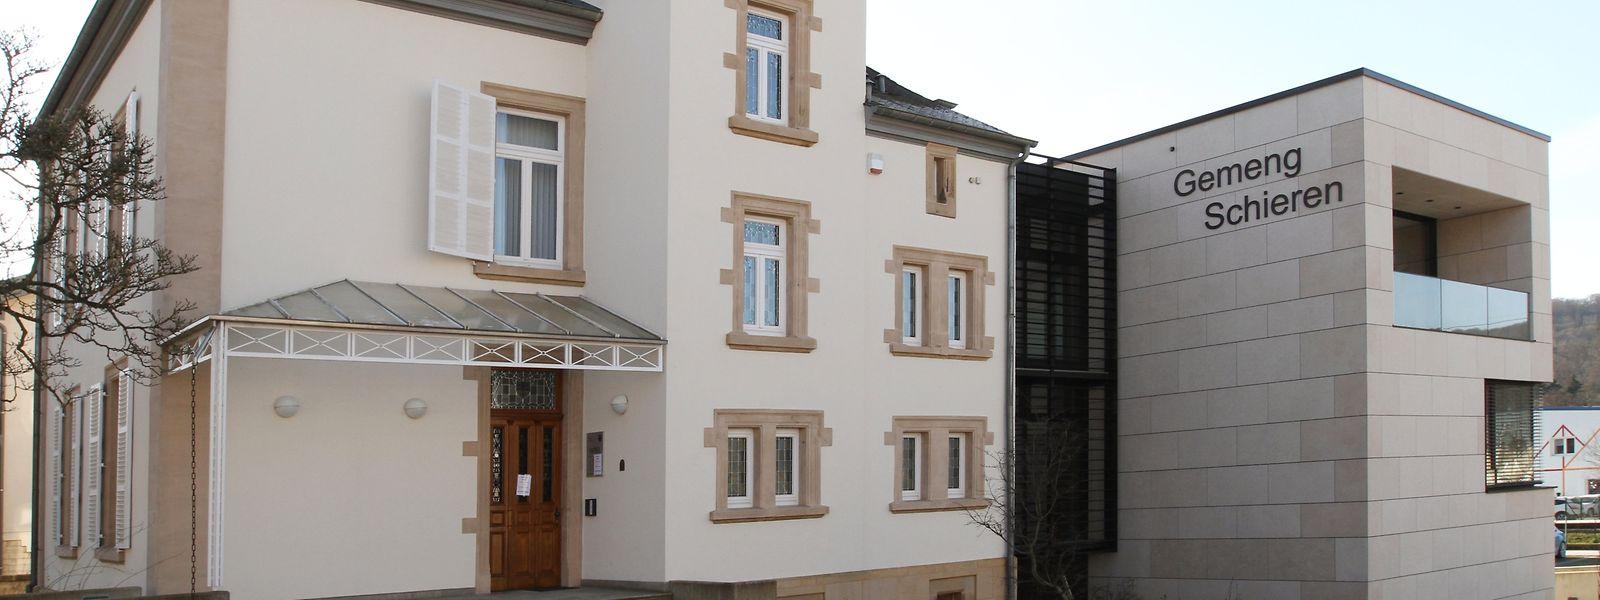 Das Schierener Gemeindehaus ist in der ehemaligen Villa Toussaint, an die vor drei Jahren ein moderner Anbau angefügt wurde, untergebracht.